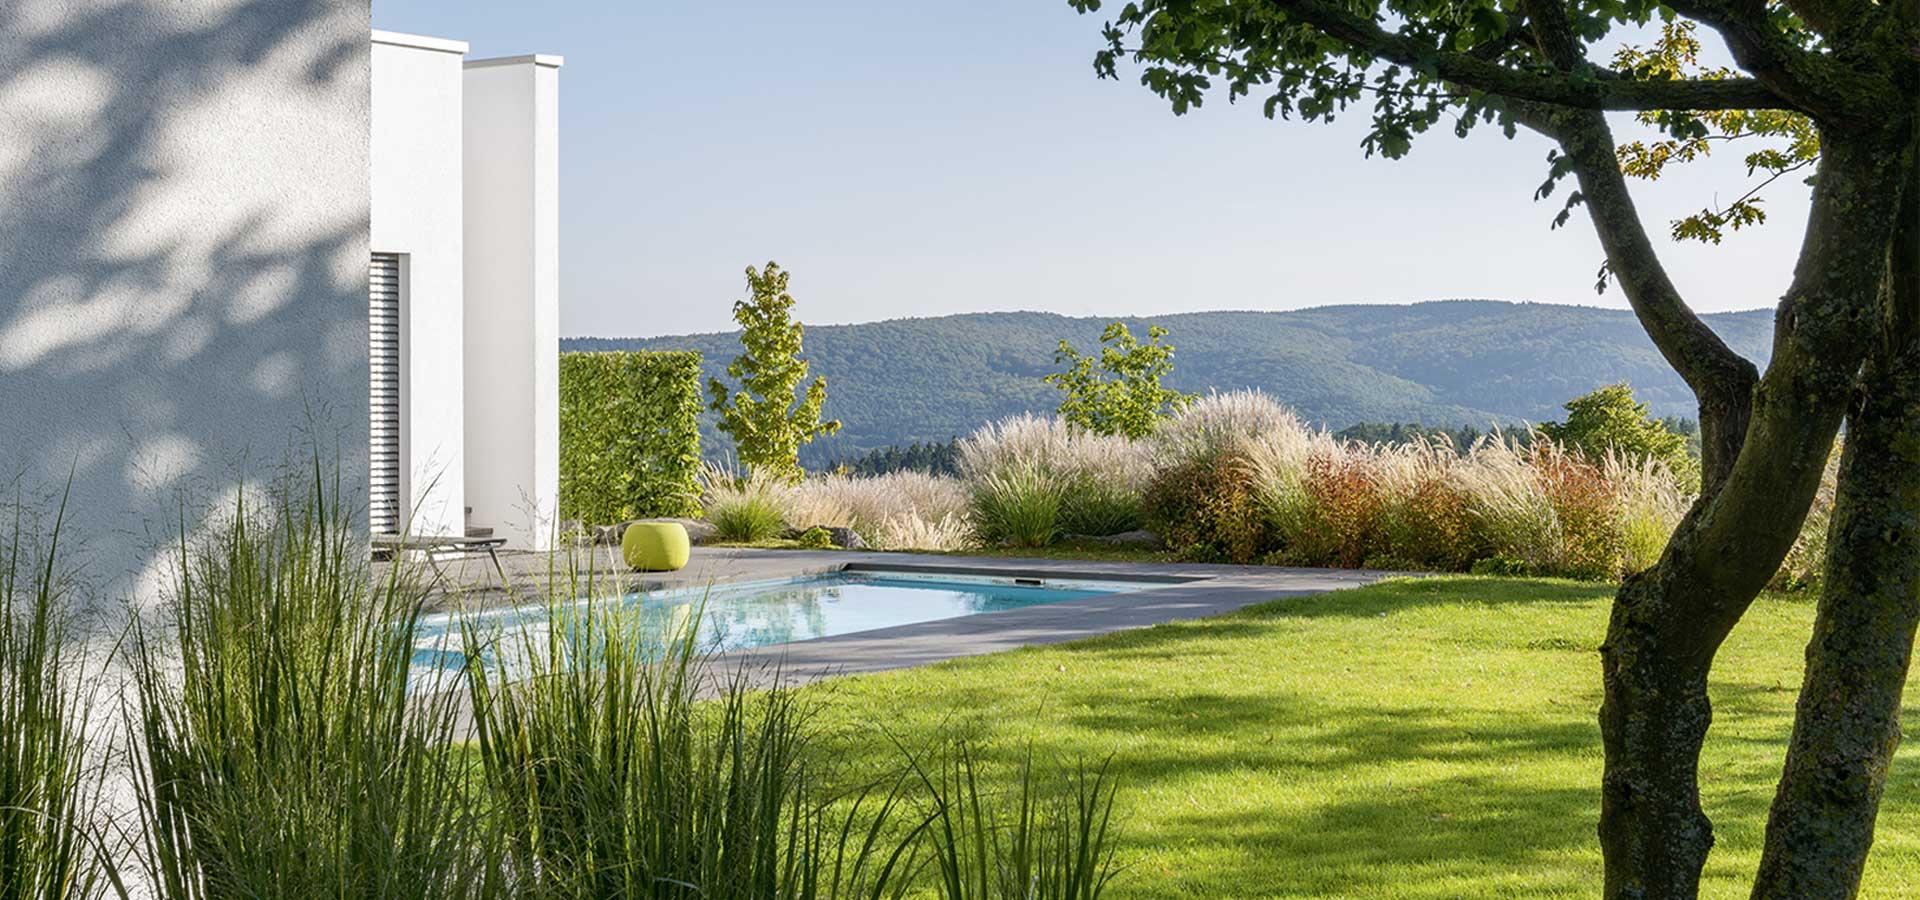 Privatgarten mit Pool und Fernblick